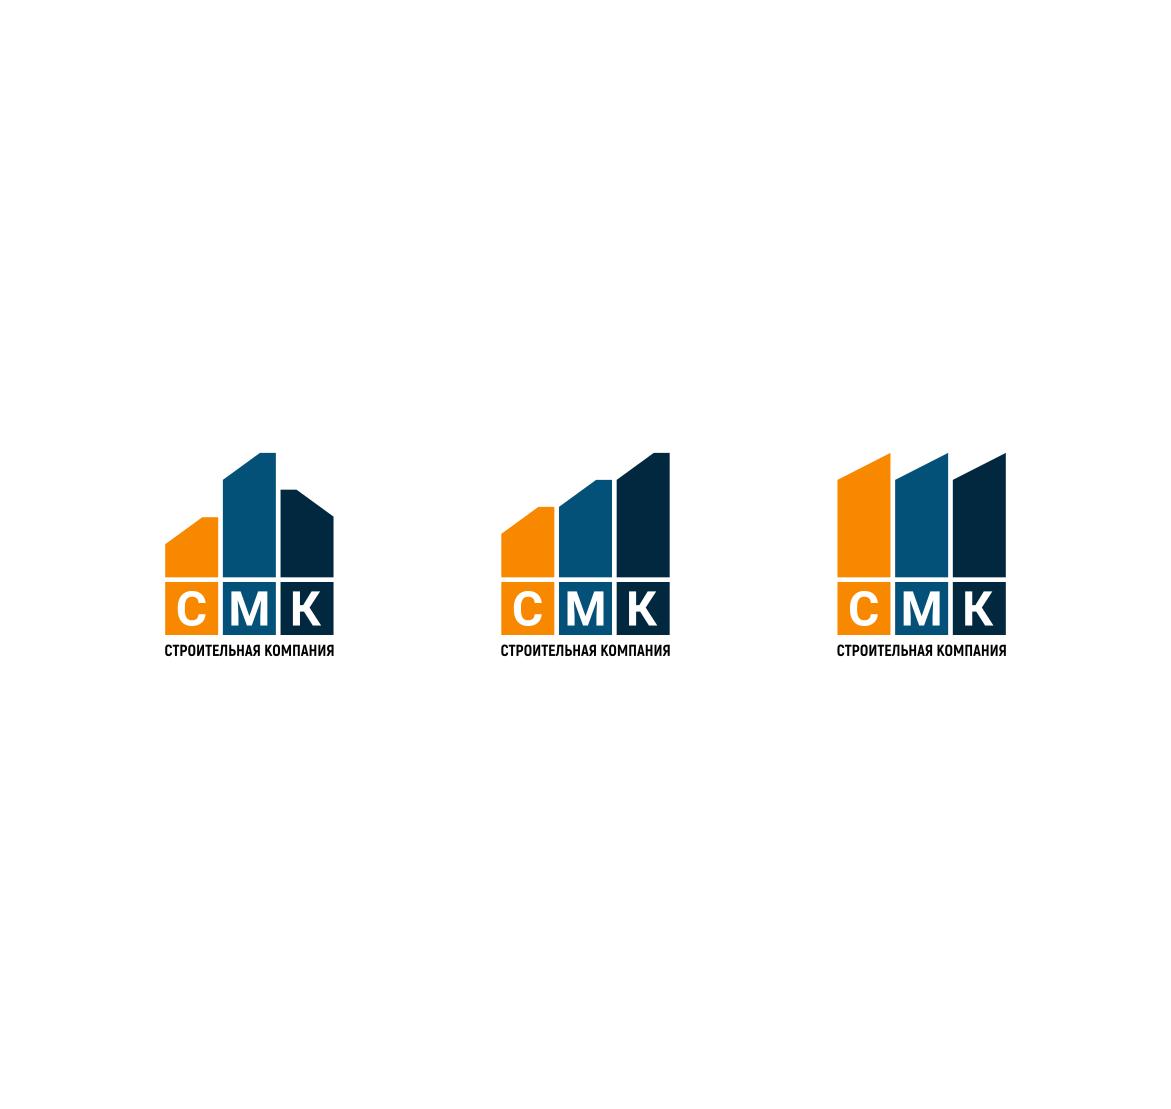 Разработка логотипа компании фото f_2515ddf8e5f2d9c1.png